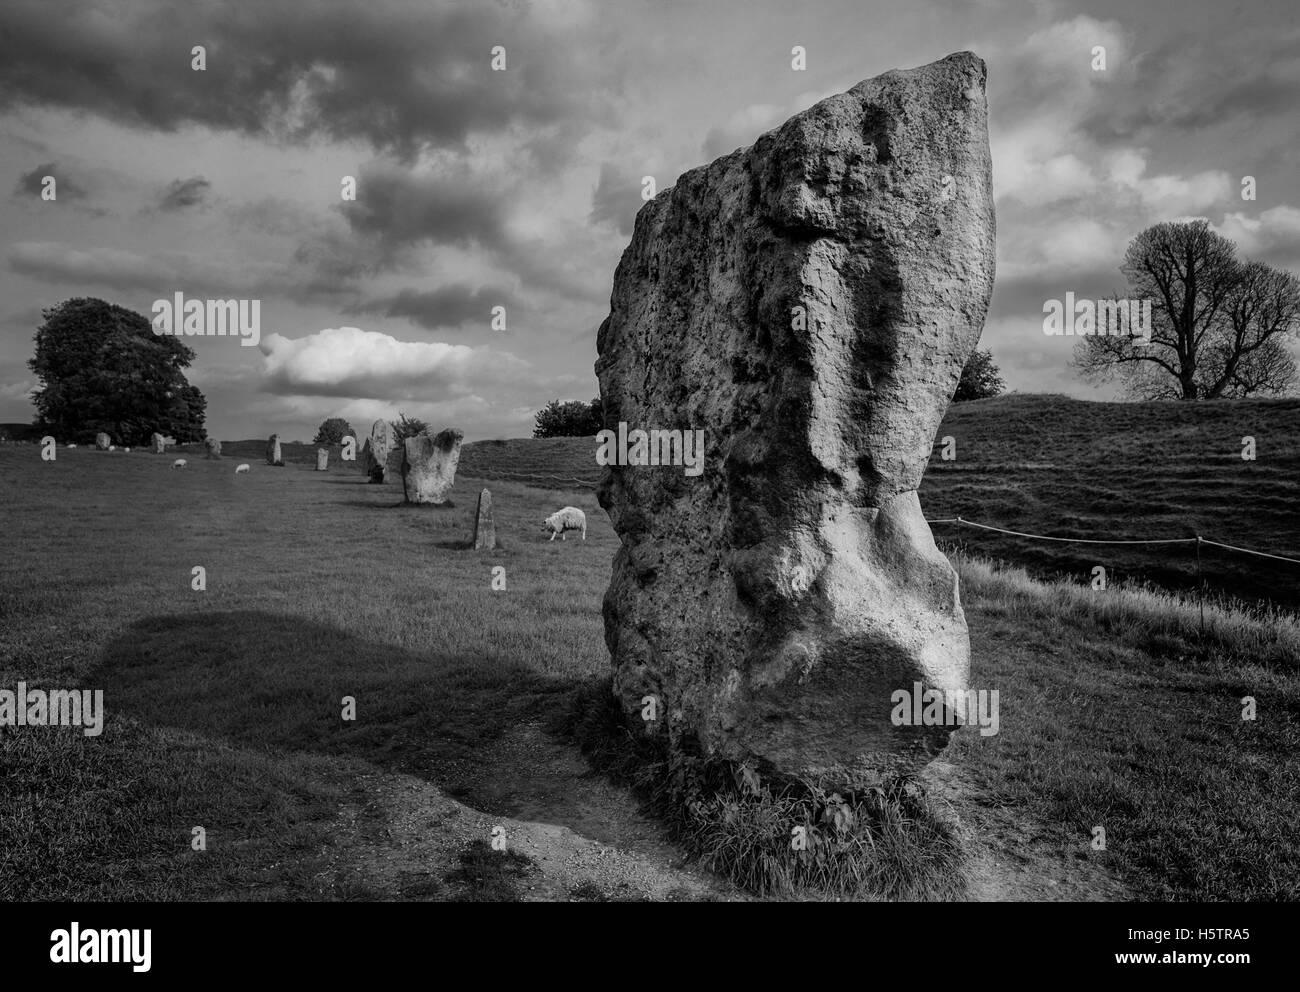 Avebury henge et cercles de pierres sont l'une des plus grandes merveilles de l'archéologie préhistorique Photo Stock